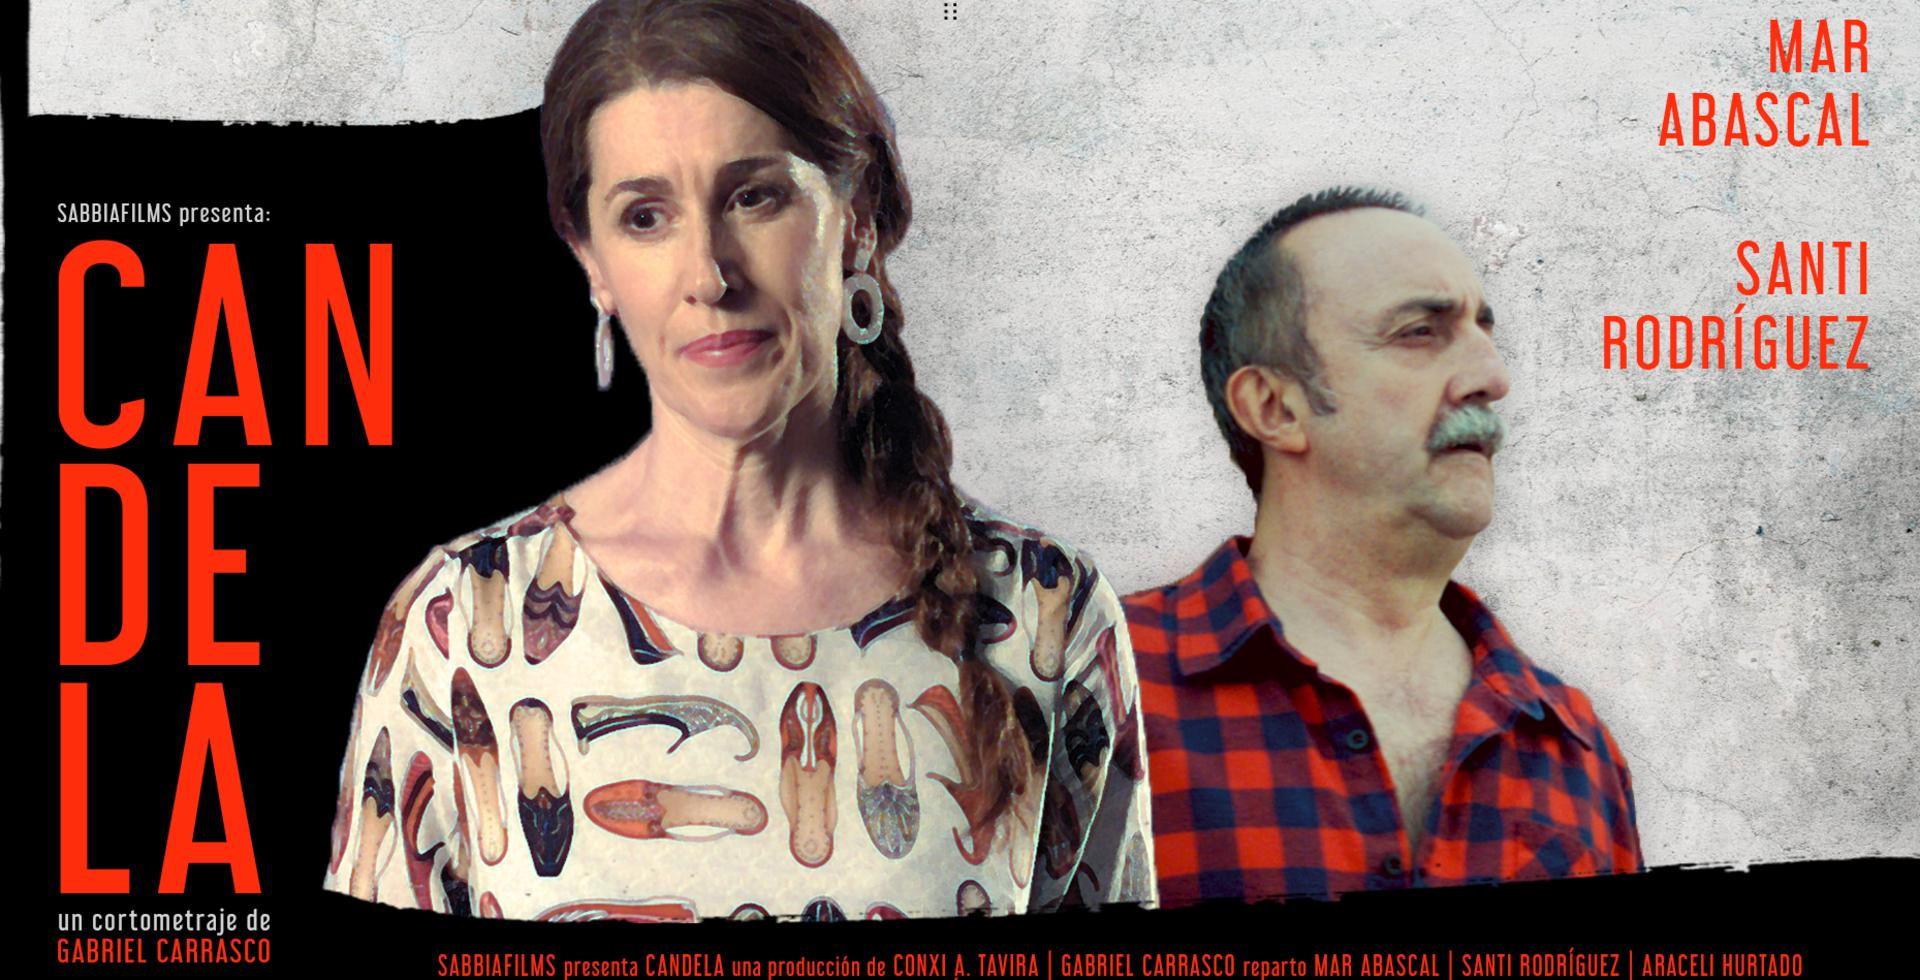 imagen del vídeobook promocional para la actriz Esther Caro